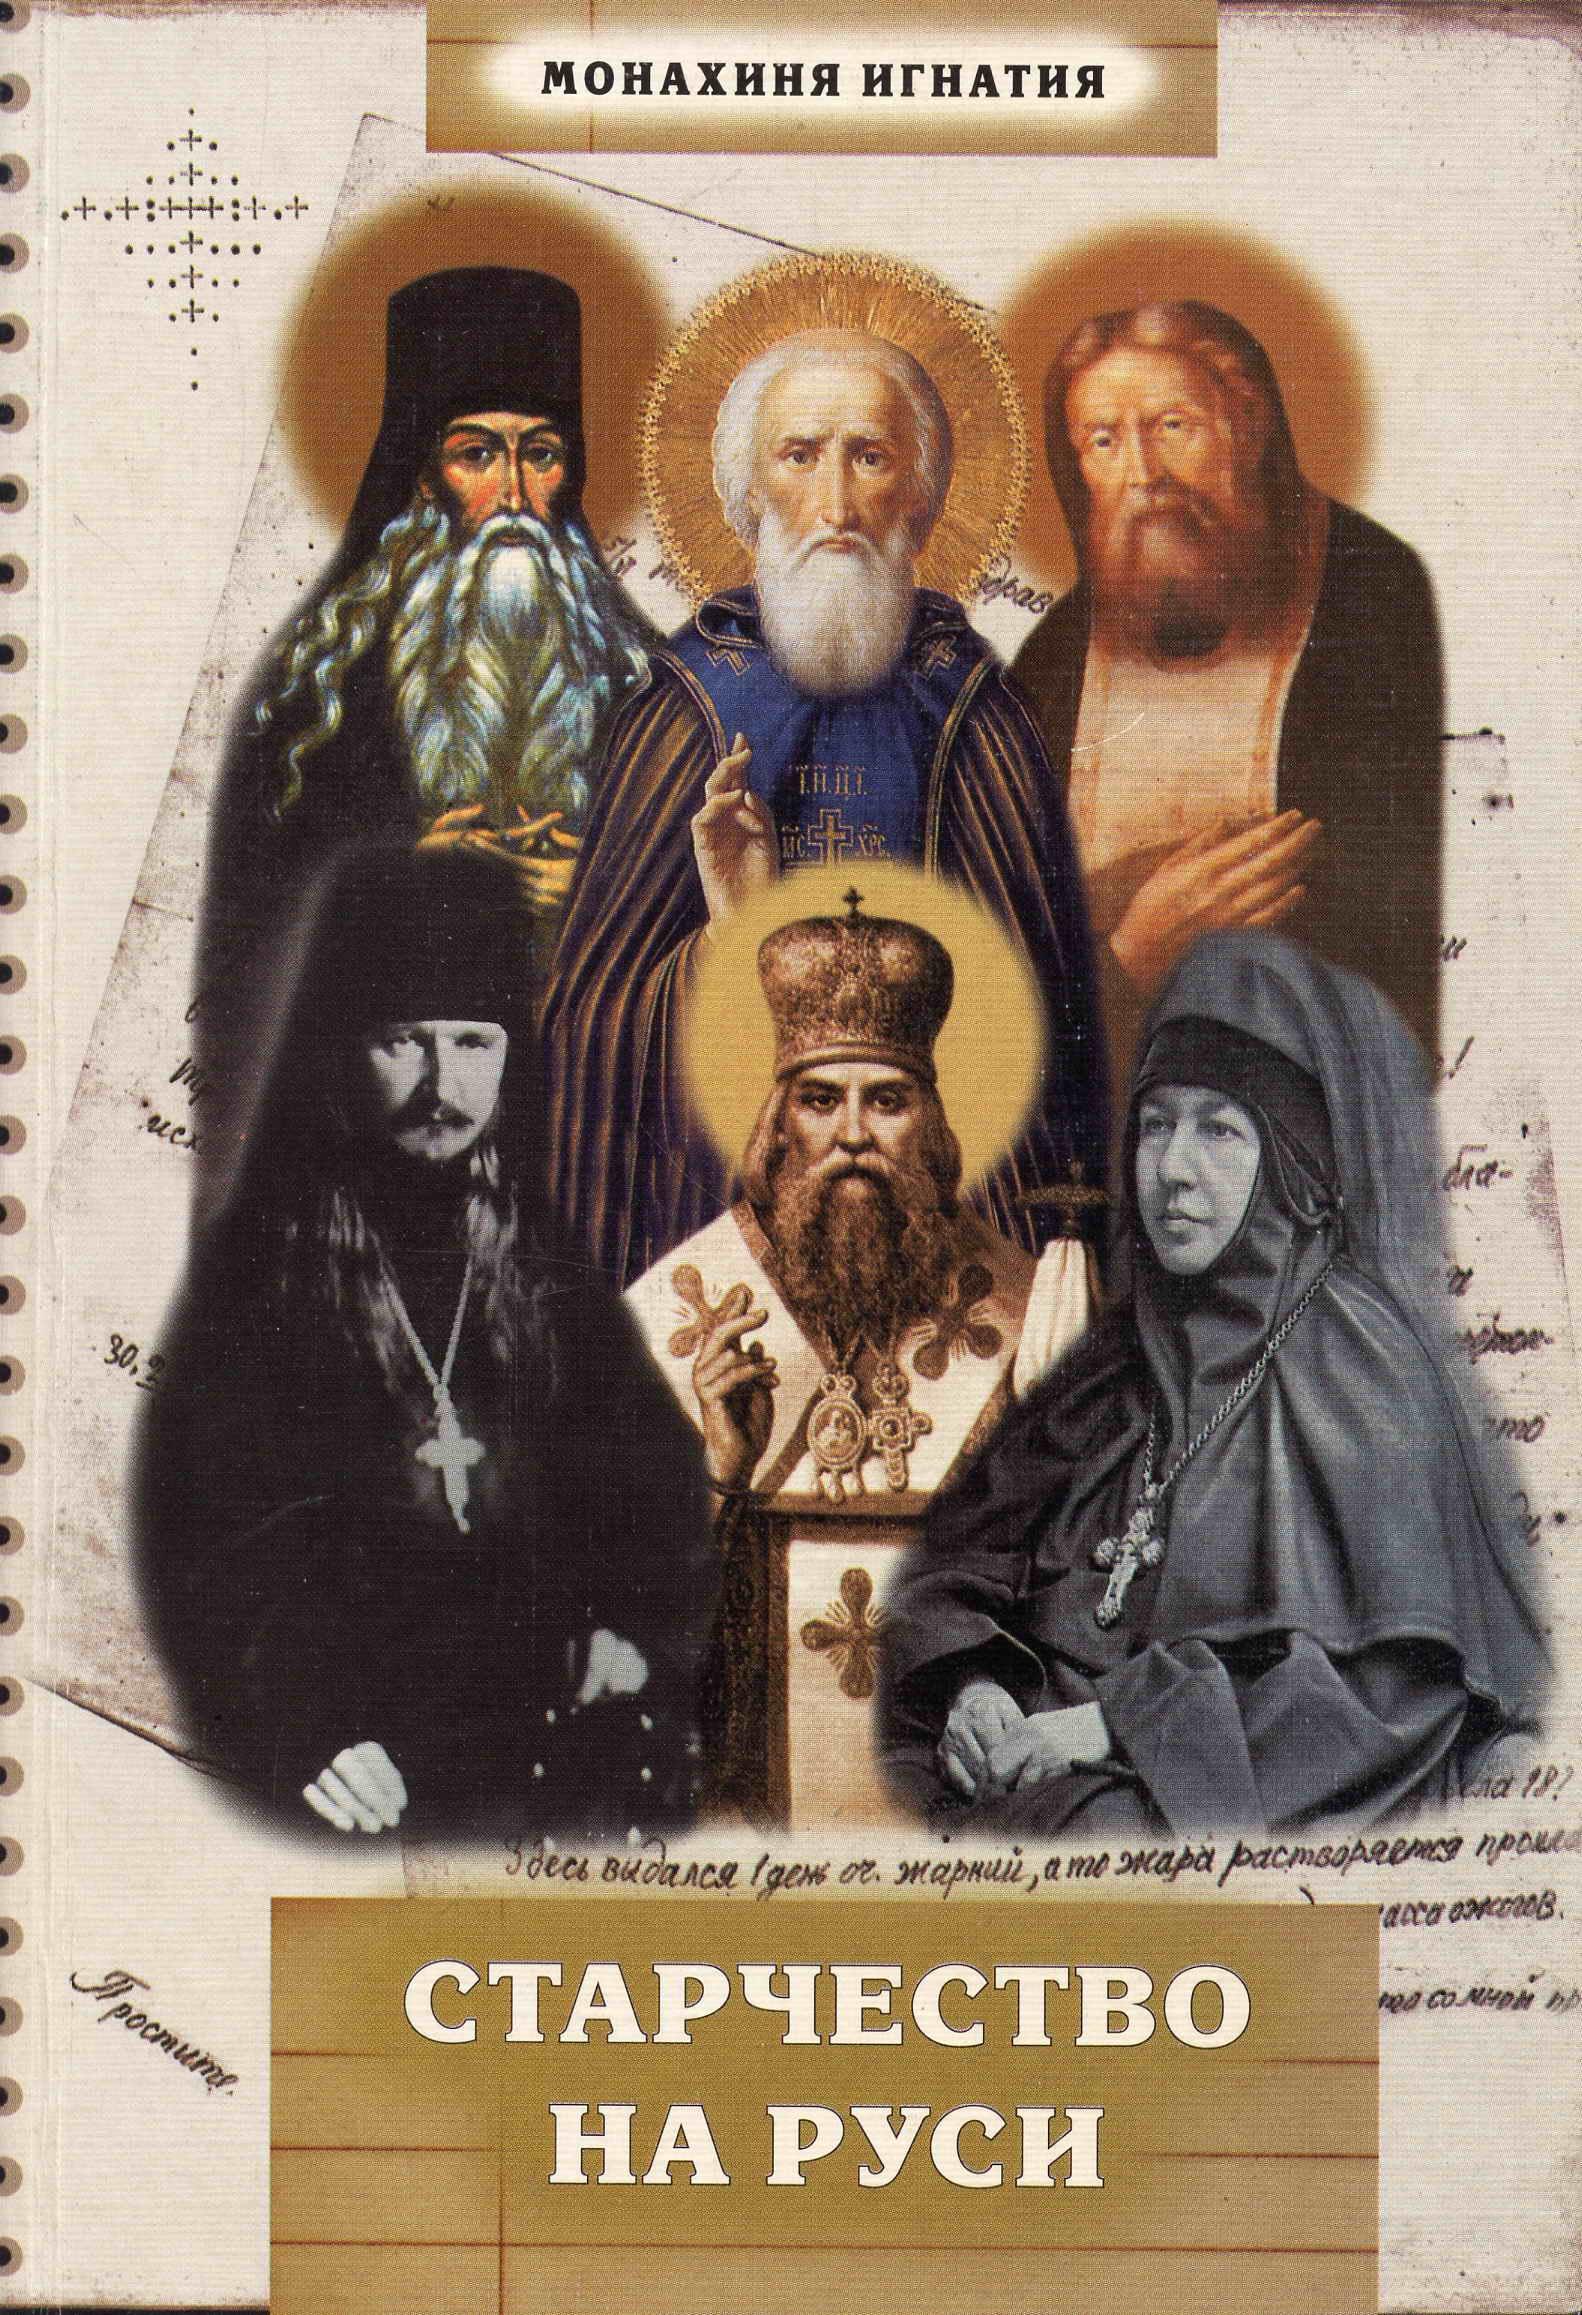 монахиня Игнатия (Пузик) Старчество на Руси